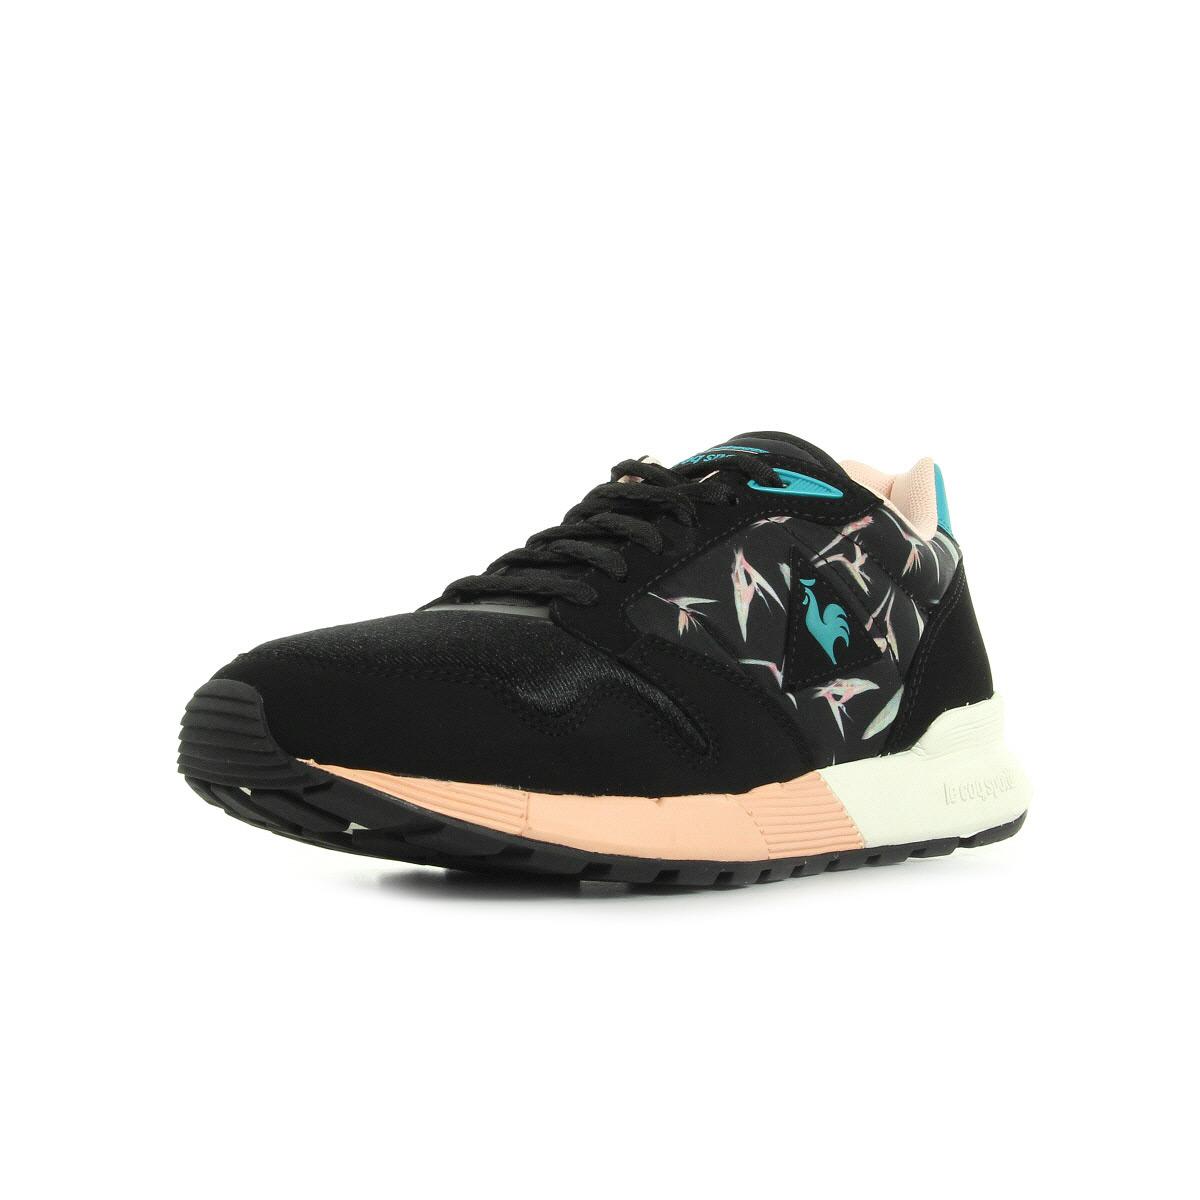 Le Coq Sportif Omega X W Bird of Paradise Black   tropical - Chaussures  Baskets basses Femme GH8HUA1Z - destrainspourtous.fr 365ffff8288